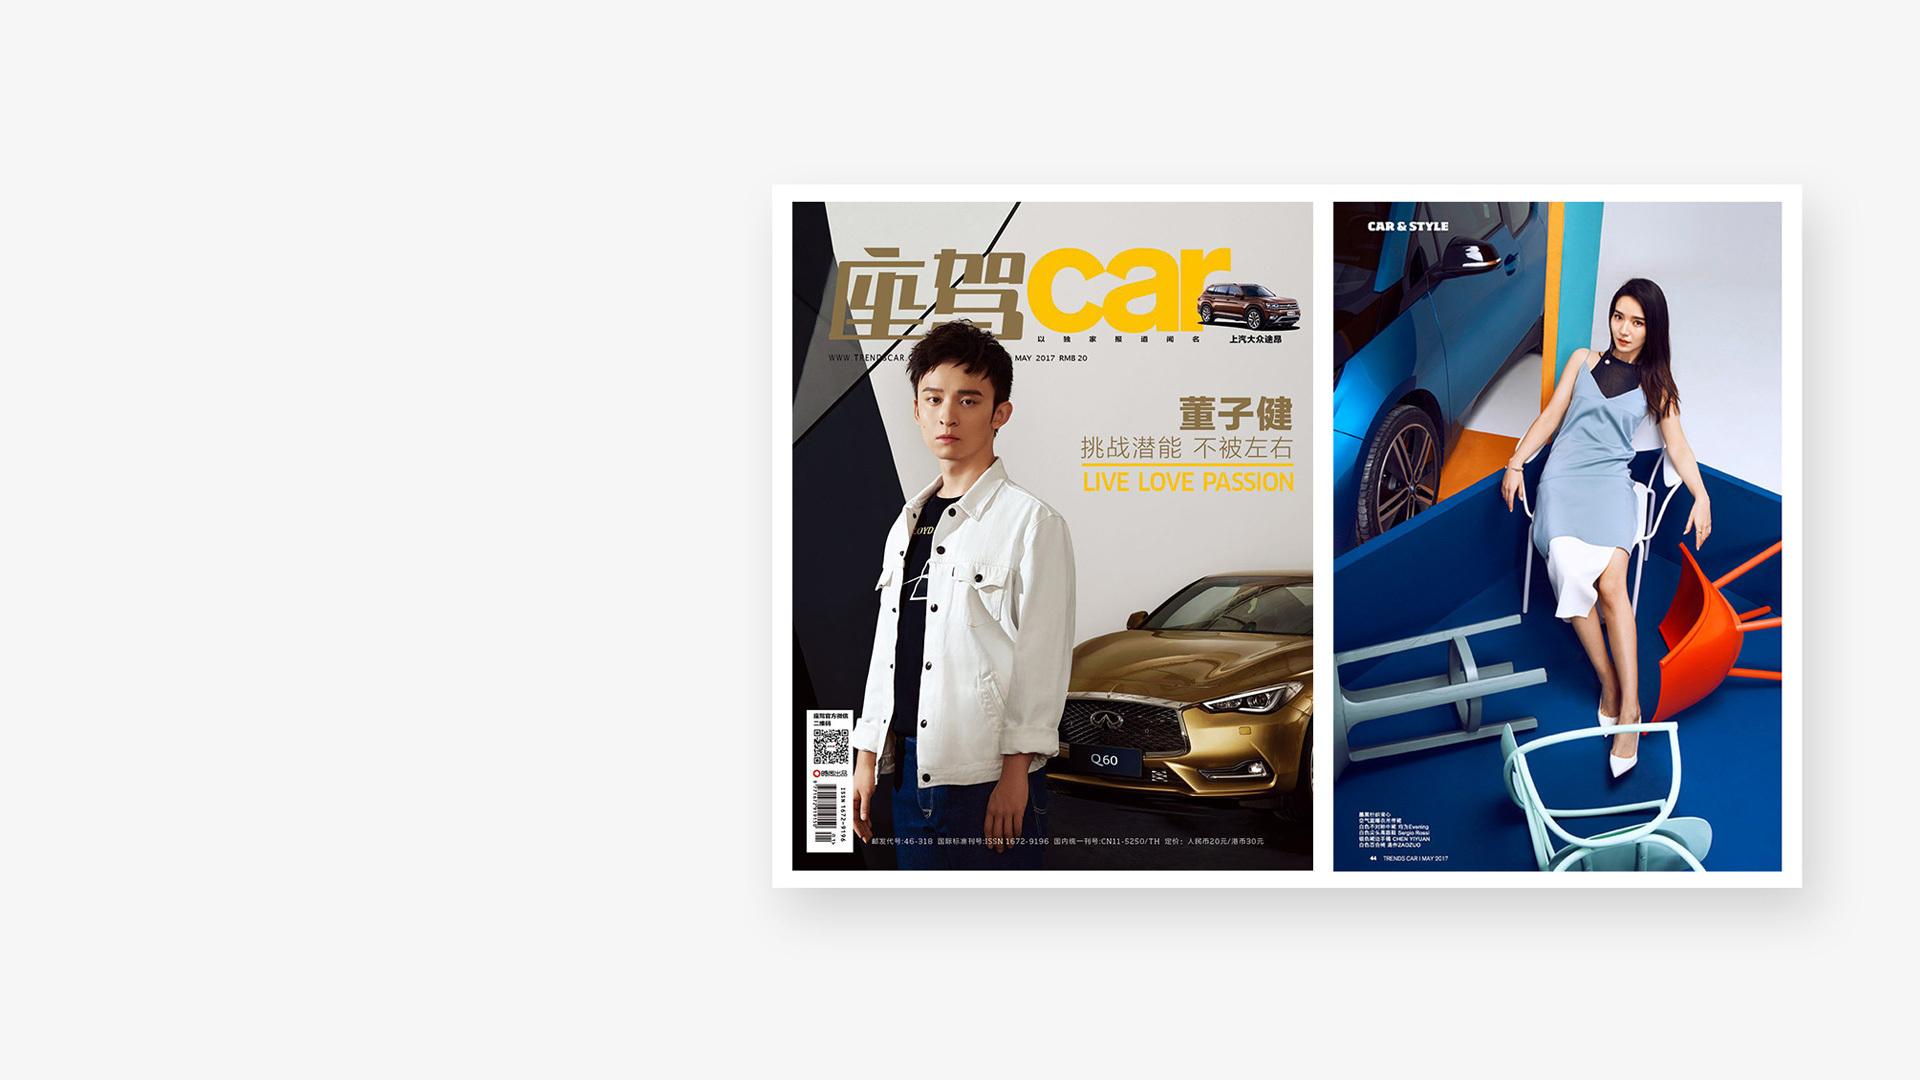 时尚汽车杂志《座驾》<br/>演绎速度与激情